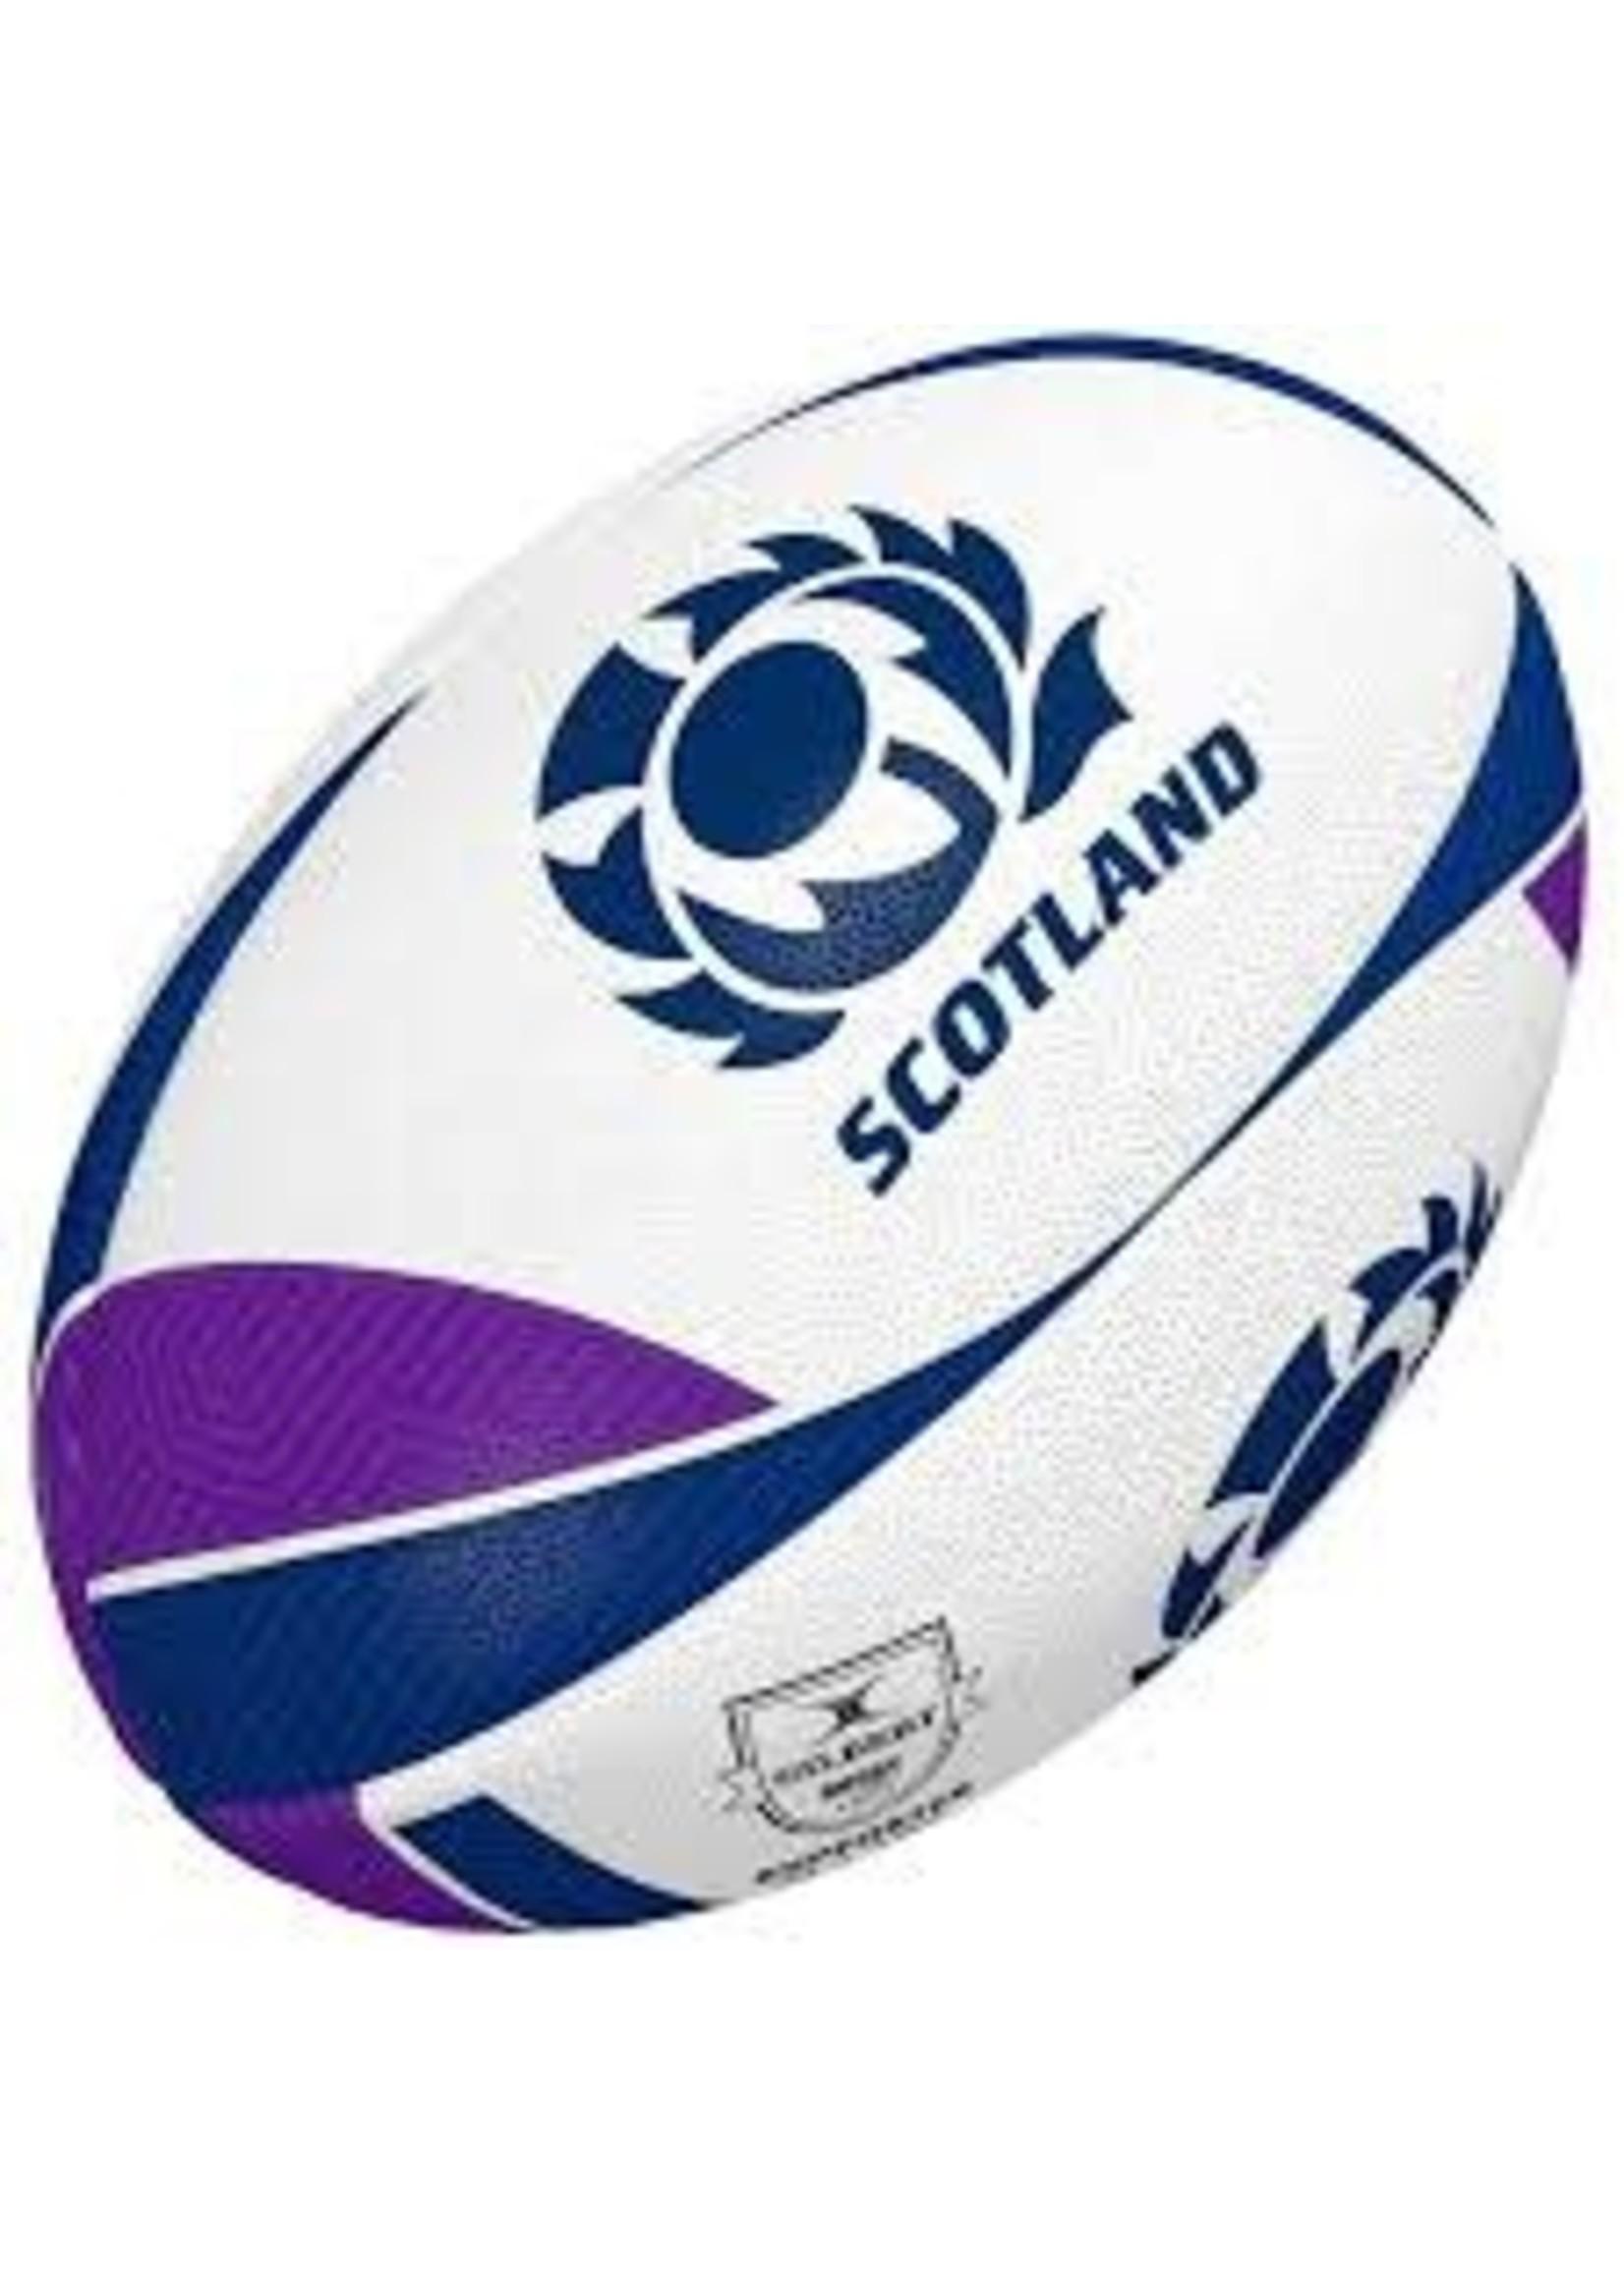 Gilbert Gilbert Rugby Scotland Supporter ball (2020)